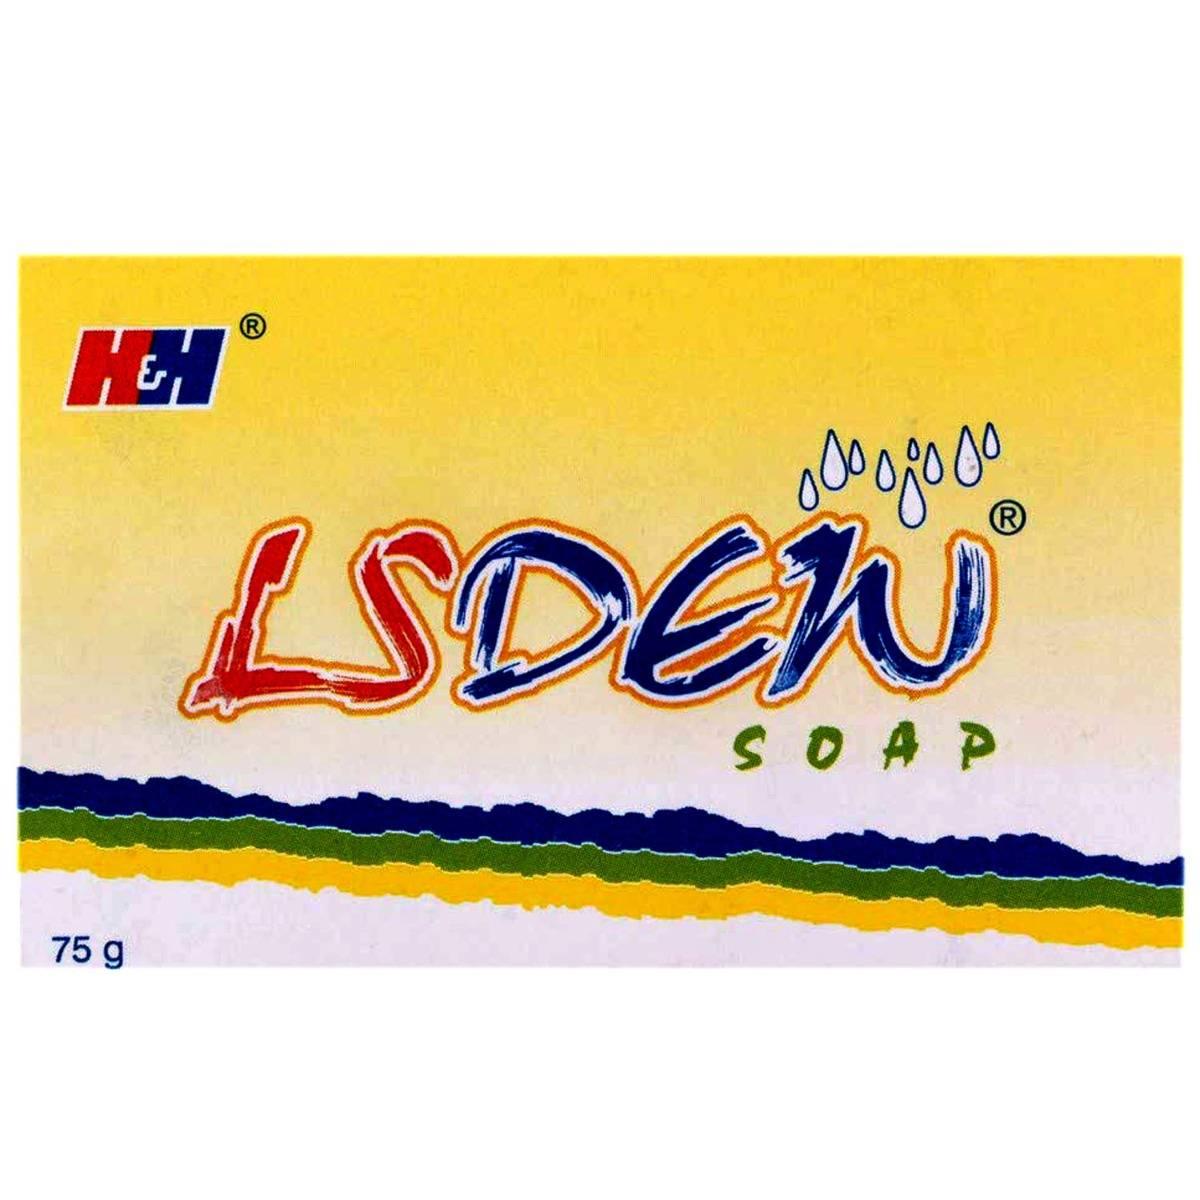 LS Dew Soap, 75 gm